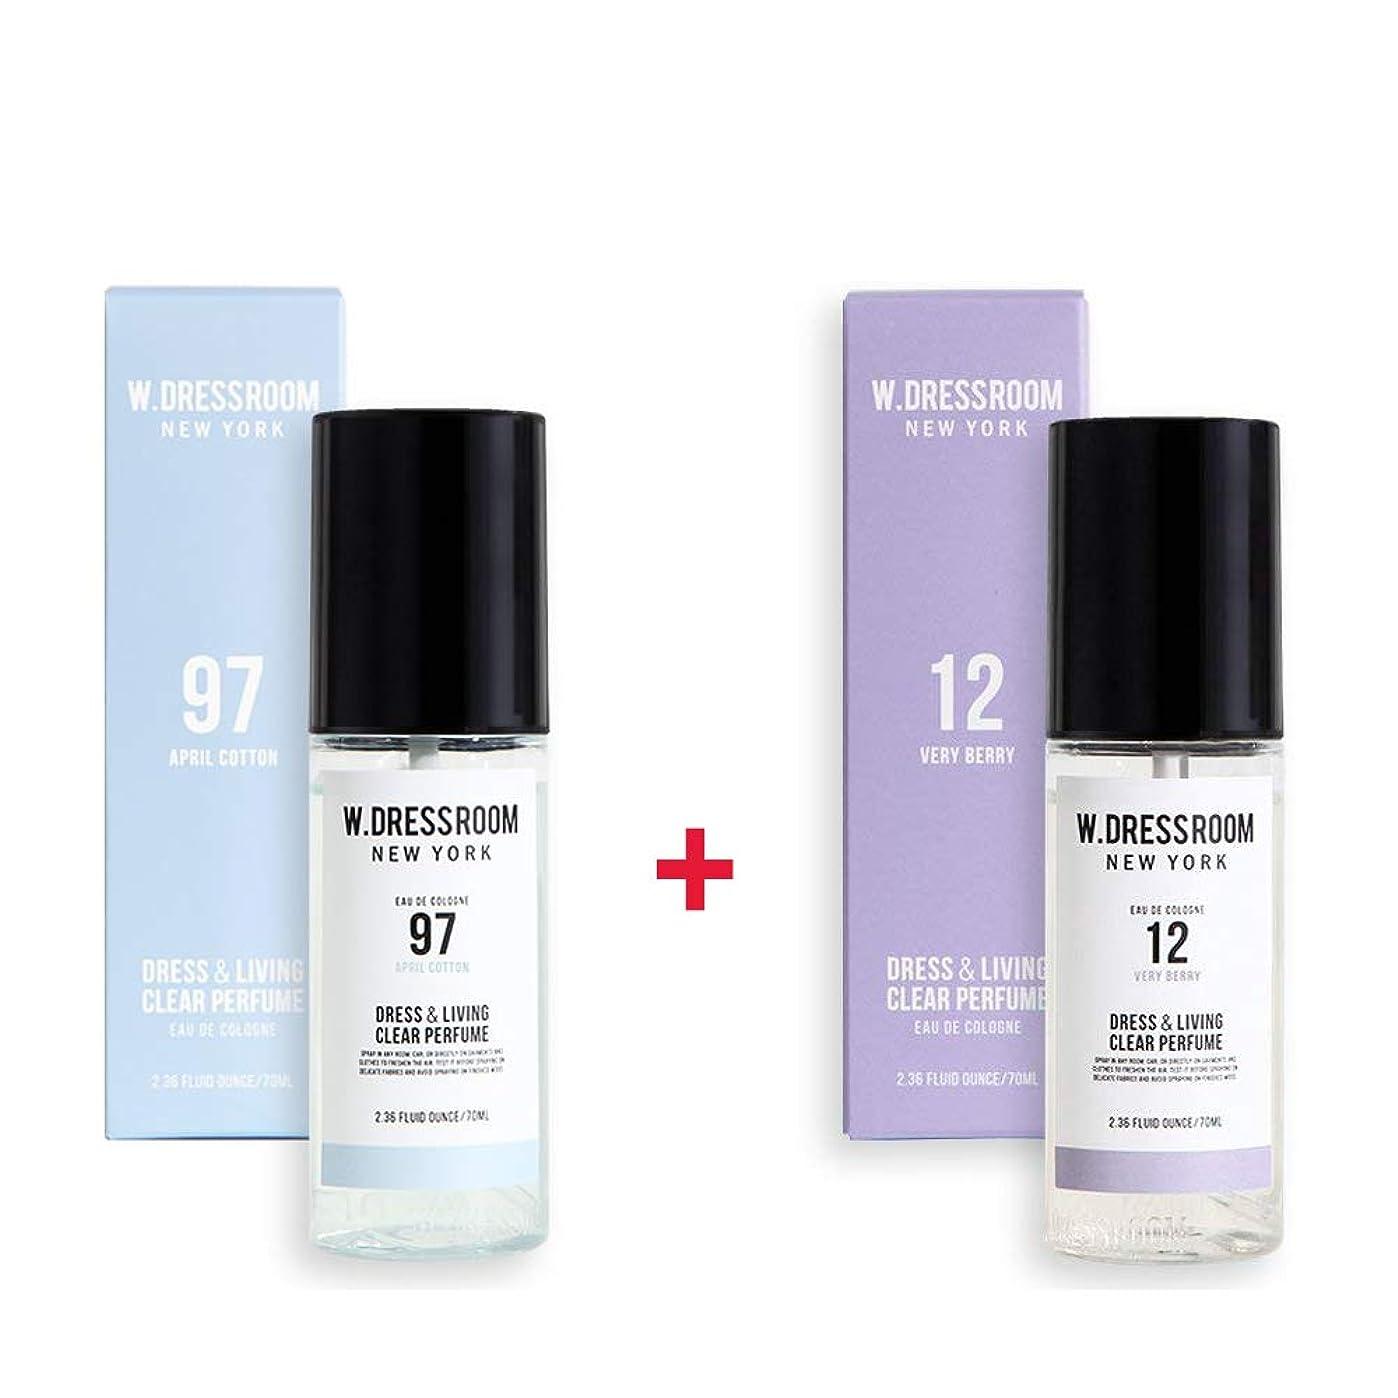 ドロー送ったスタジアムW.DRESSROOM Dress & Living Clear Perfume 70ml (No 97 April Cotton)+(No 12 Very Berry)